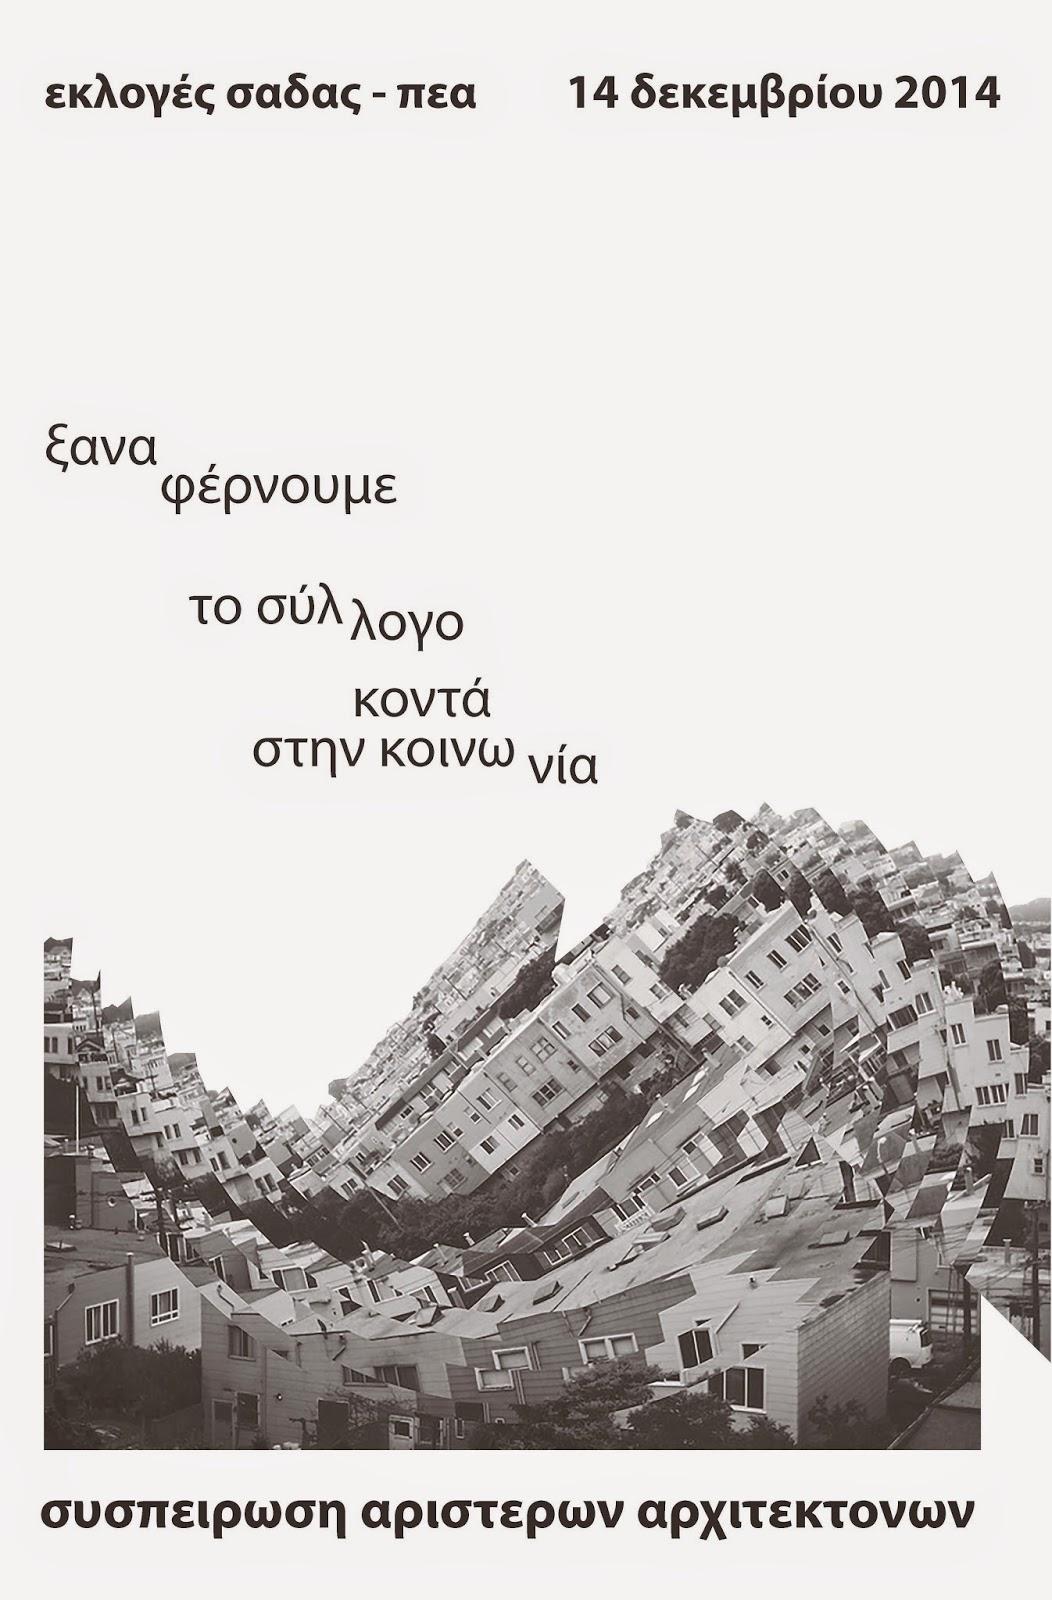 εκλογές ΣΑΔΑΣ-ΠΕΑ